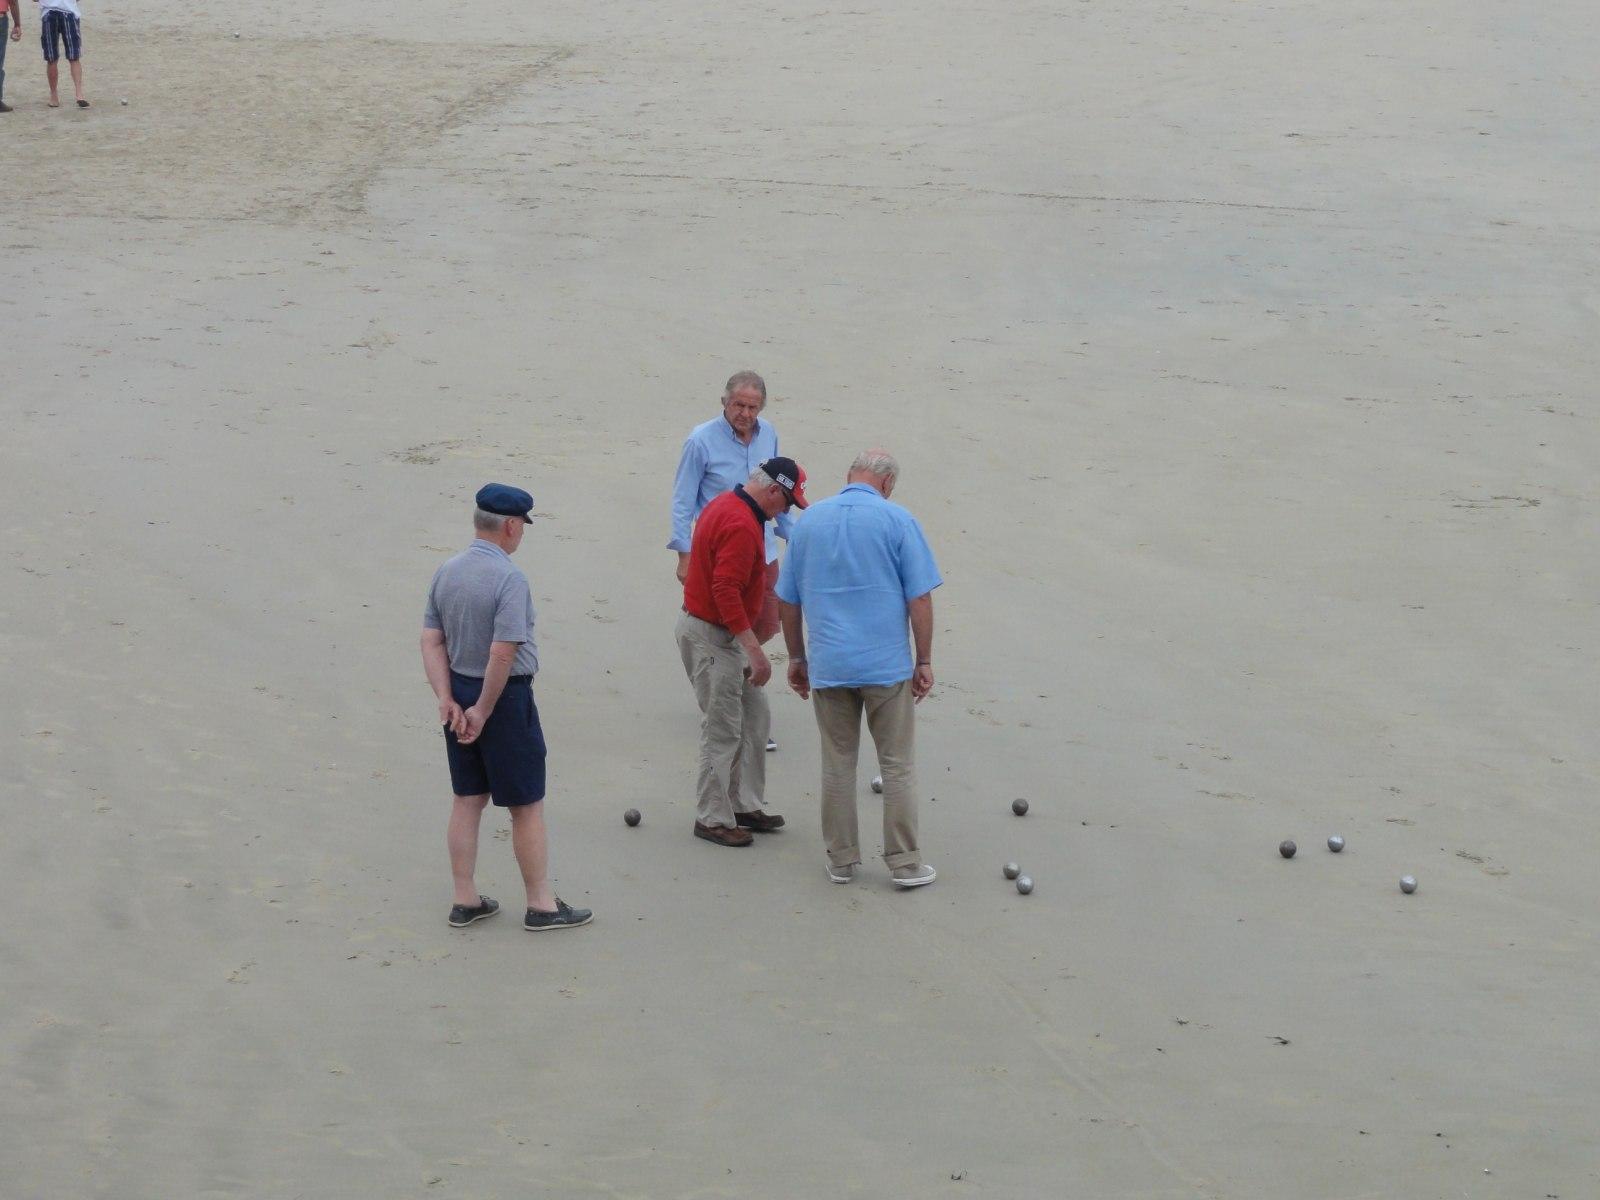 Австралия: Необычные шары выбросило на пляж в Сиднее